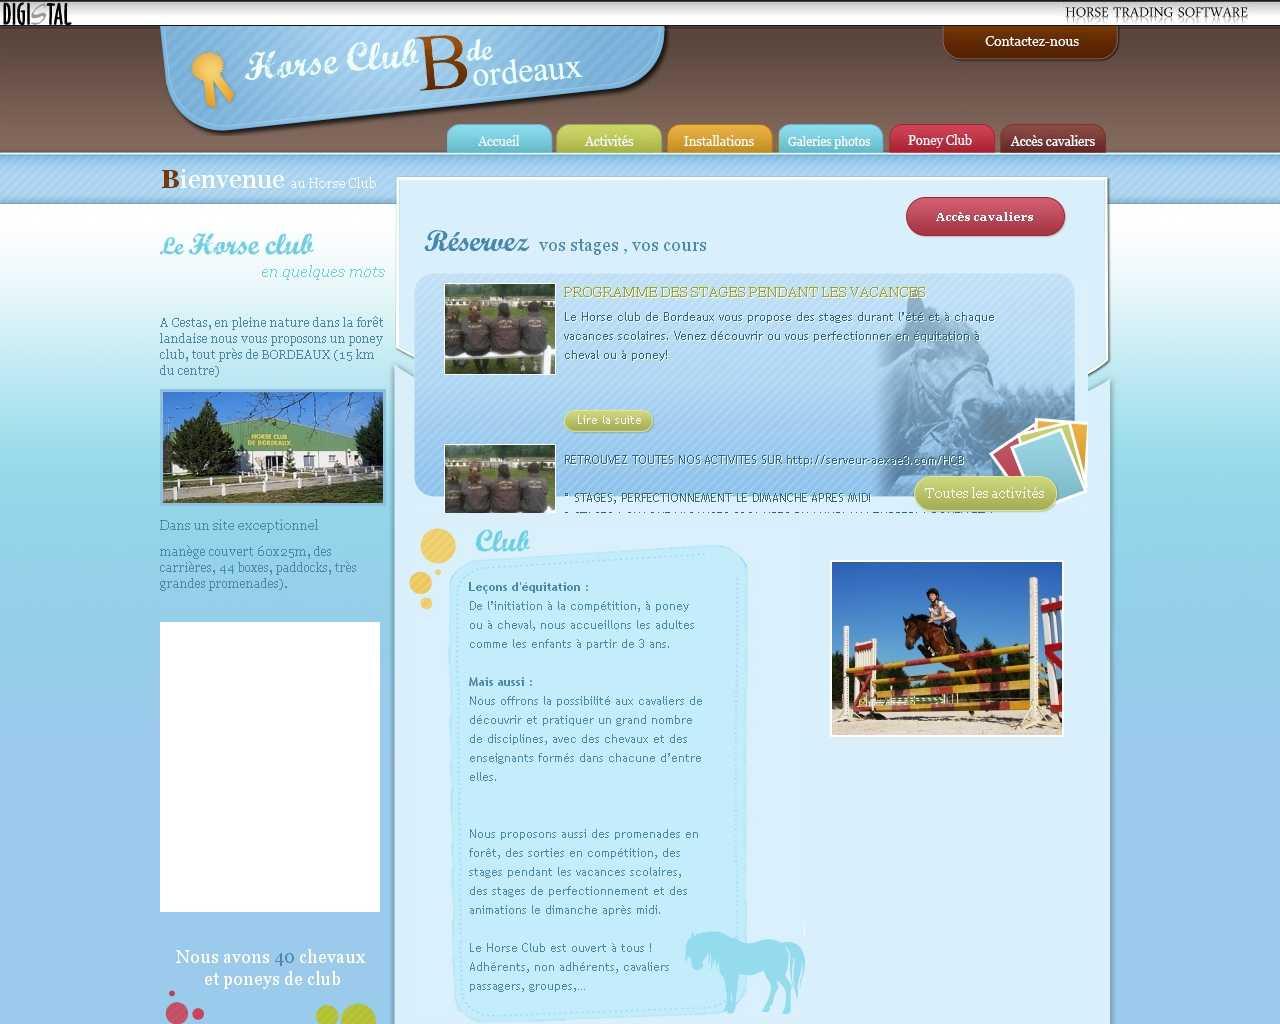 Visuel du site Horse club de Bordeaux